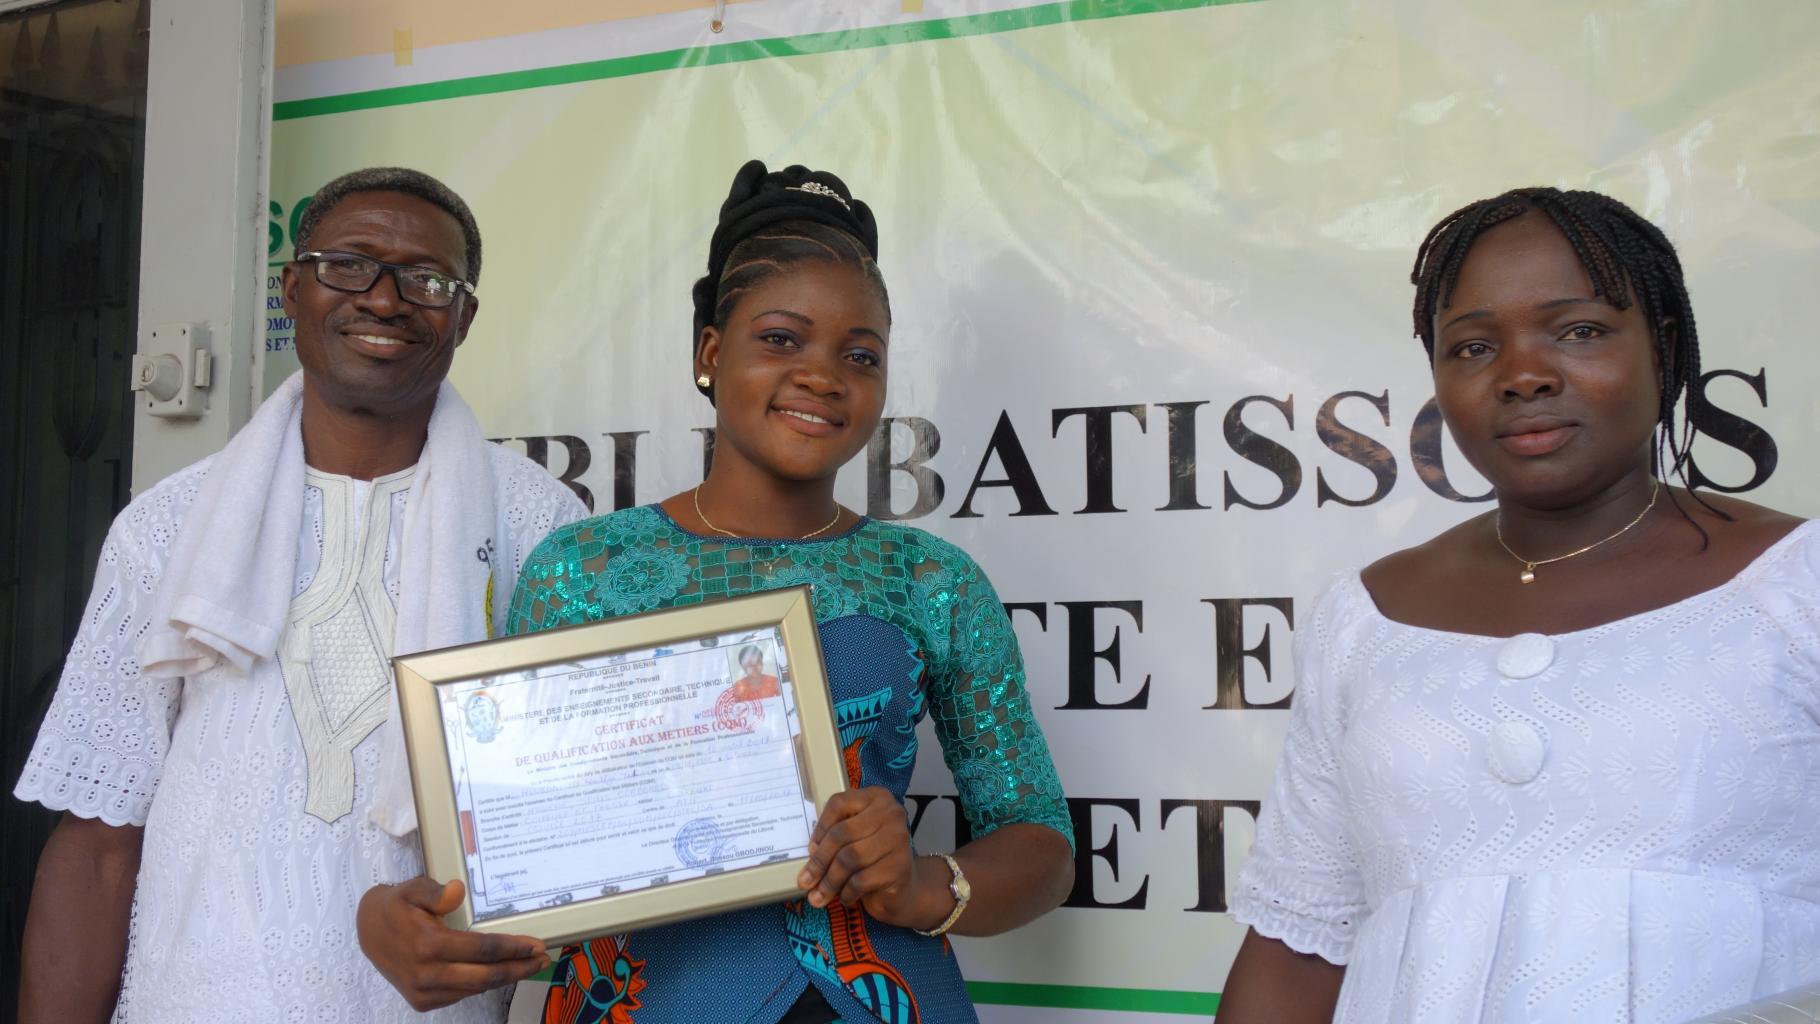 Nadège mit ihrem Diplom. Im Bild rechts ist ihre Mutter zu sehen.